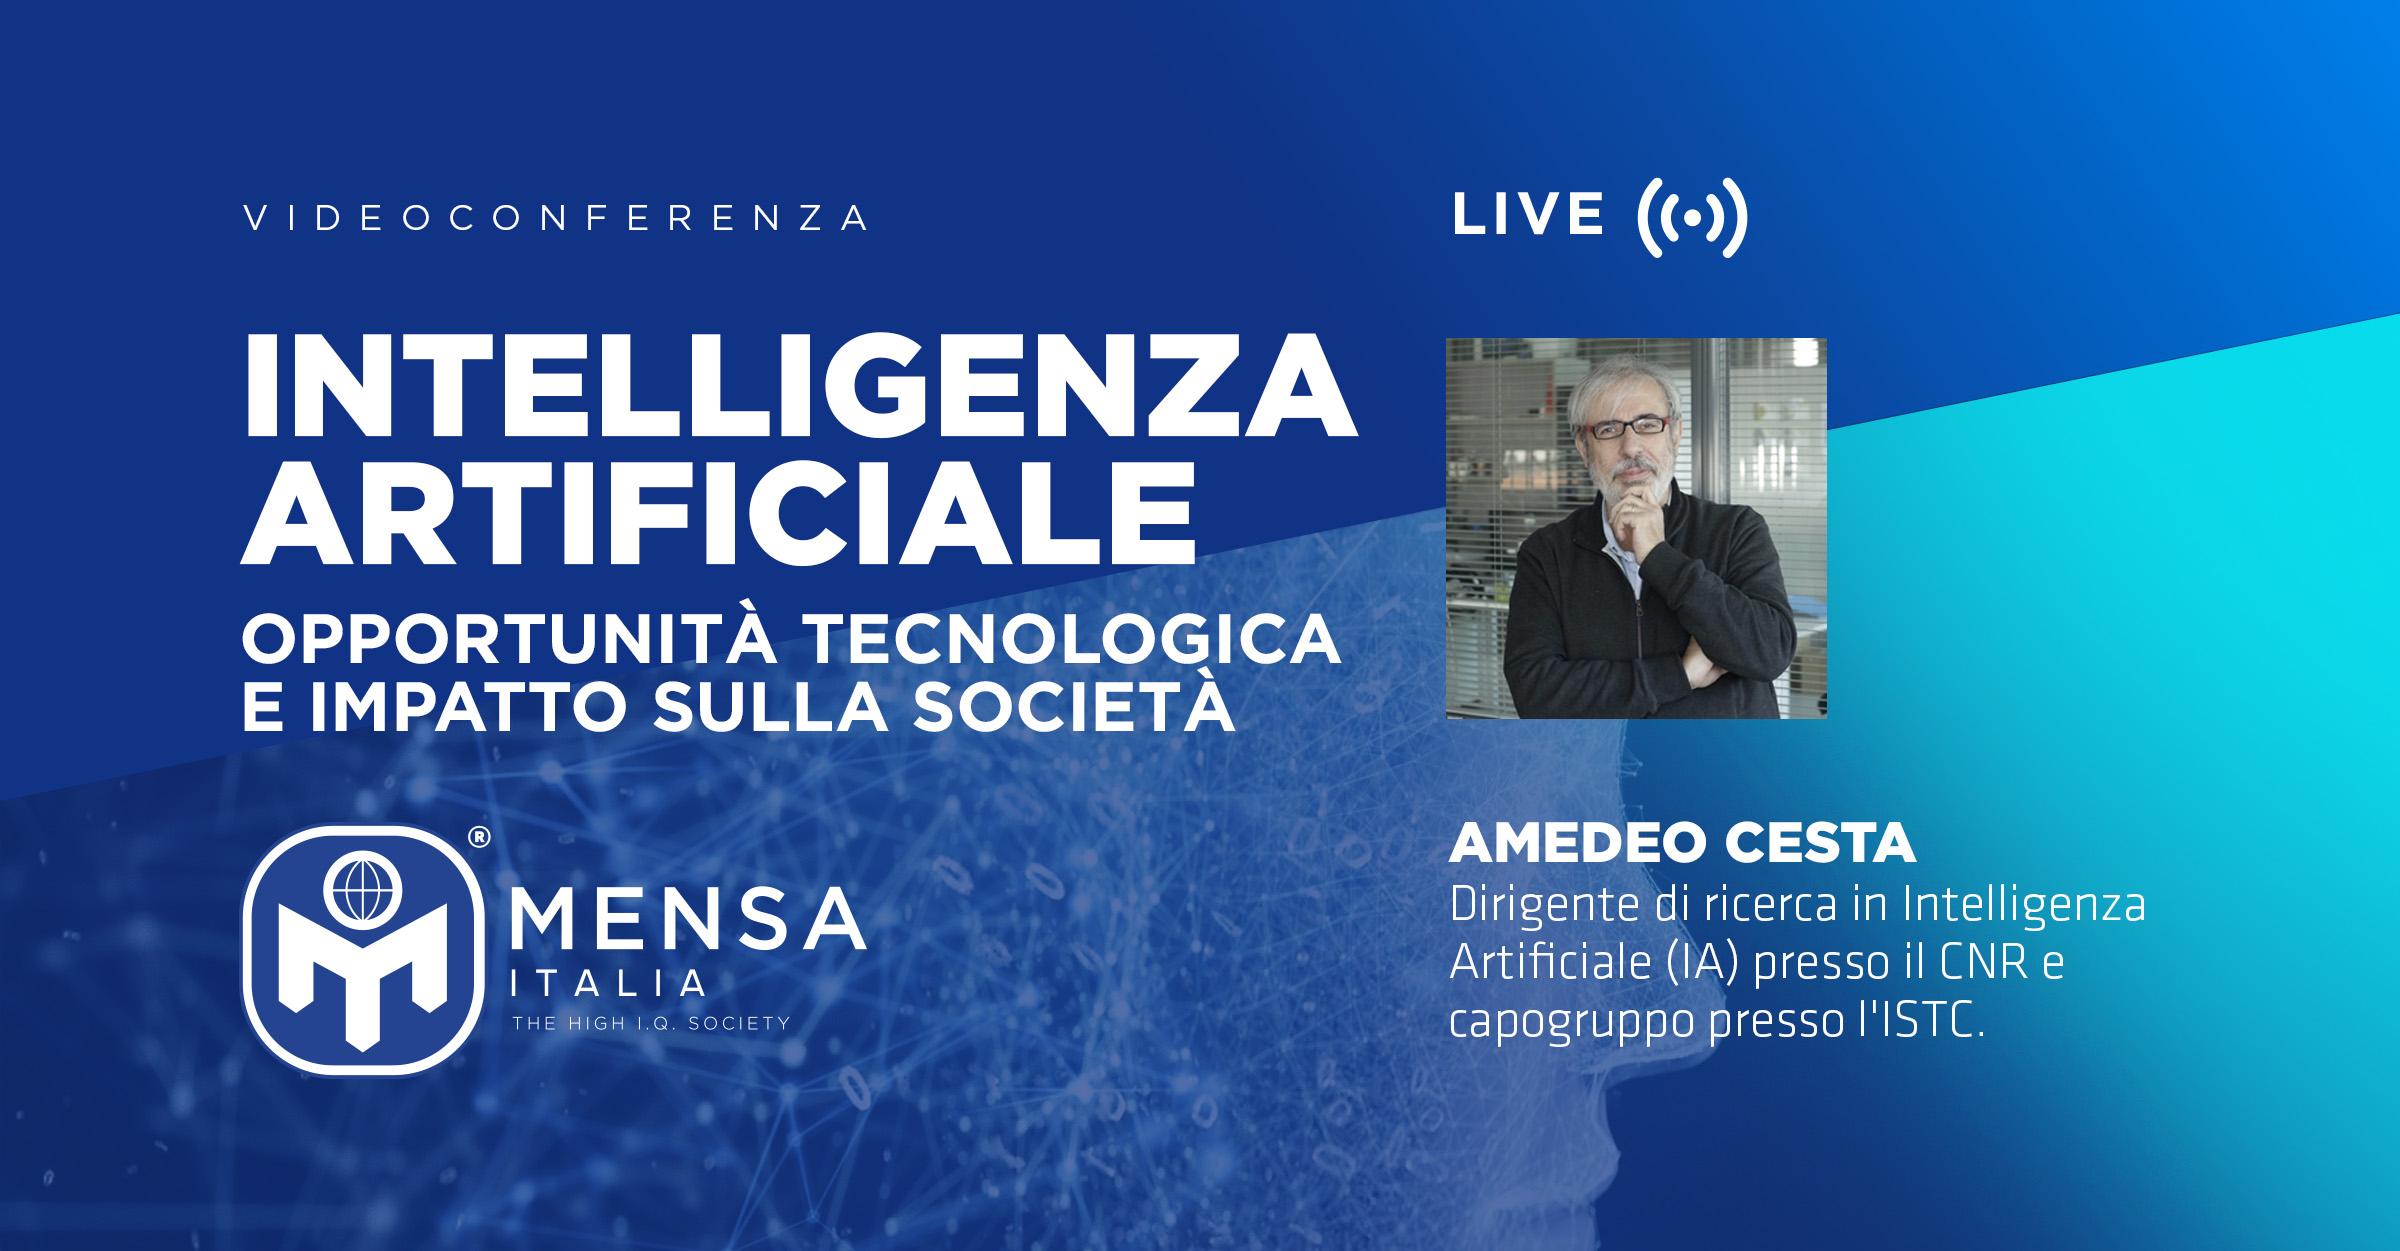 26 Maggio – videoconferenza: Intelligenza Artificiale (Opportunità Tecnologica e Impatto sulla Società)